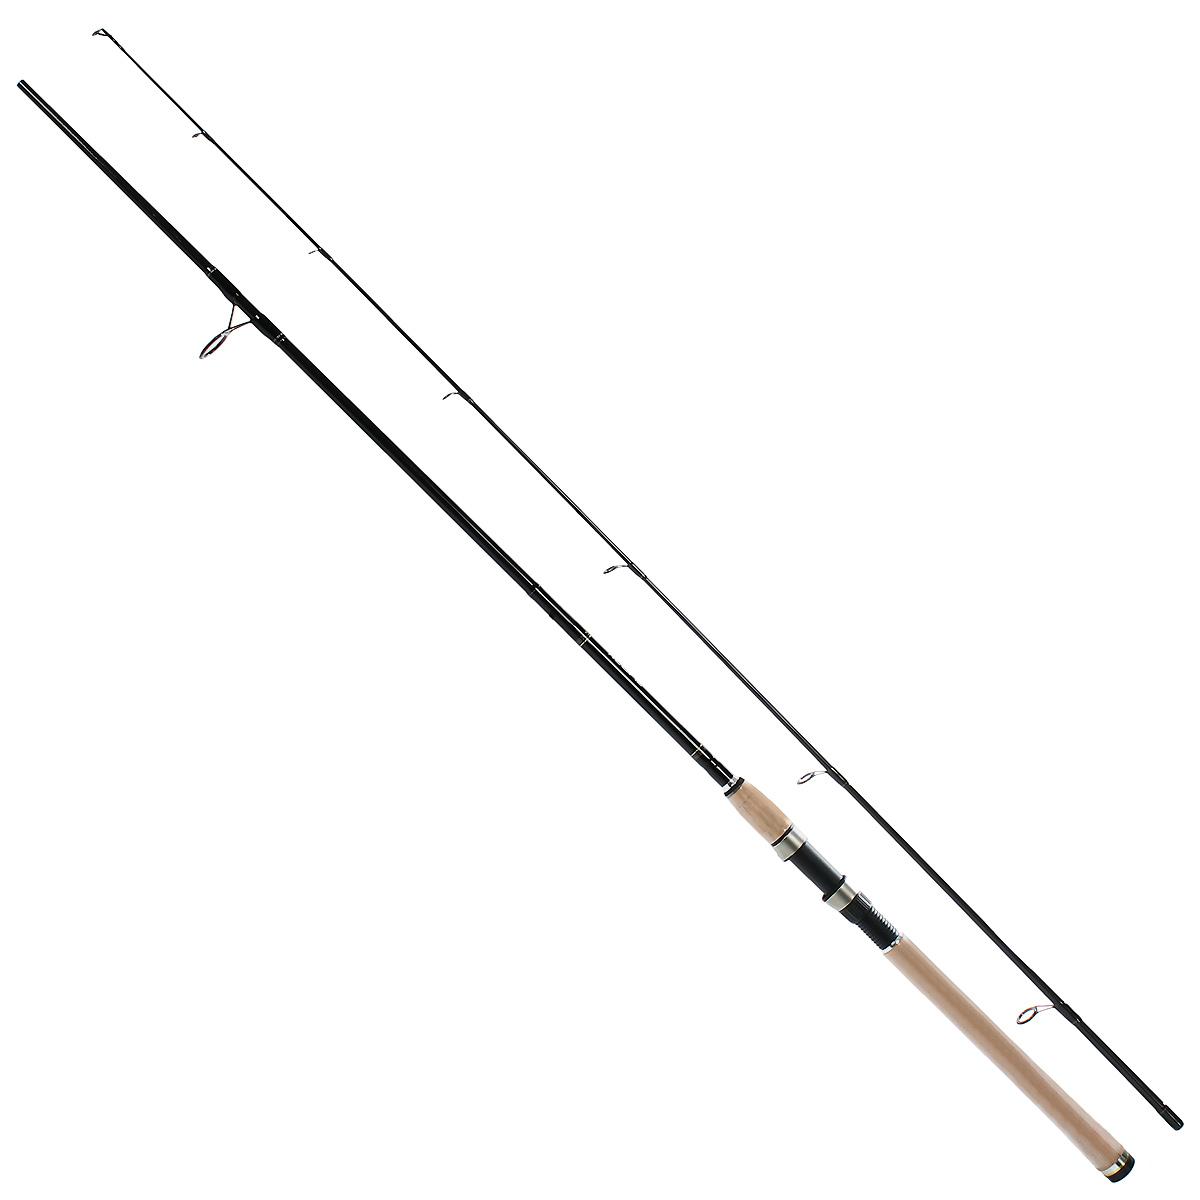 Удилище спиннинговое Daiwa Regal, штекерное, 2,4 м, 10-40 г найк дешево